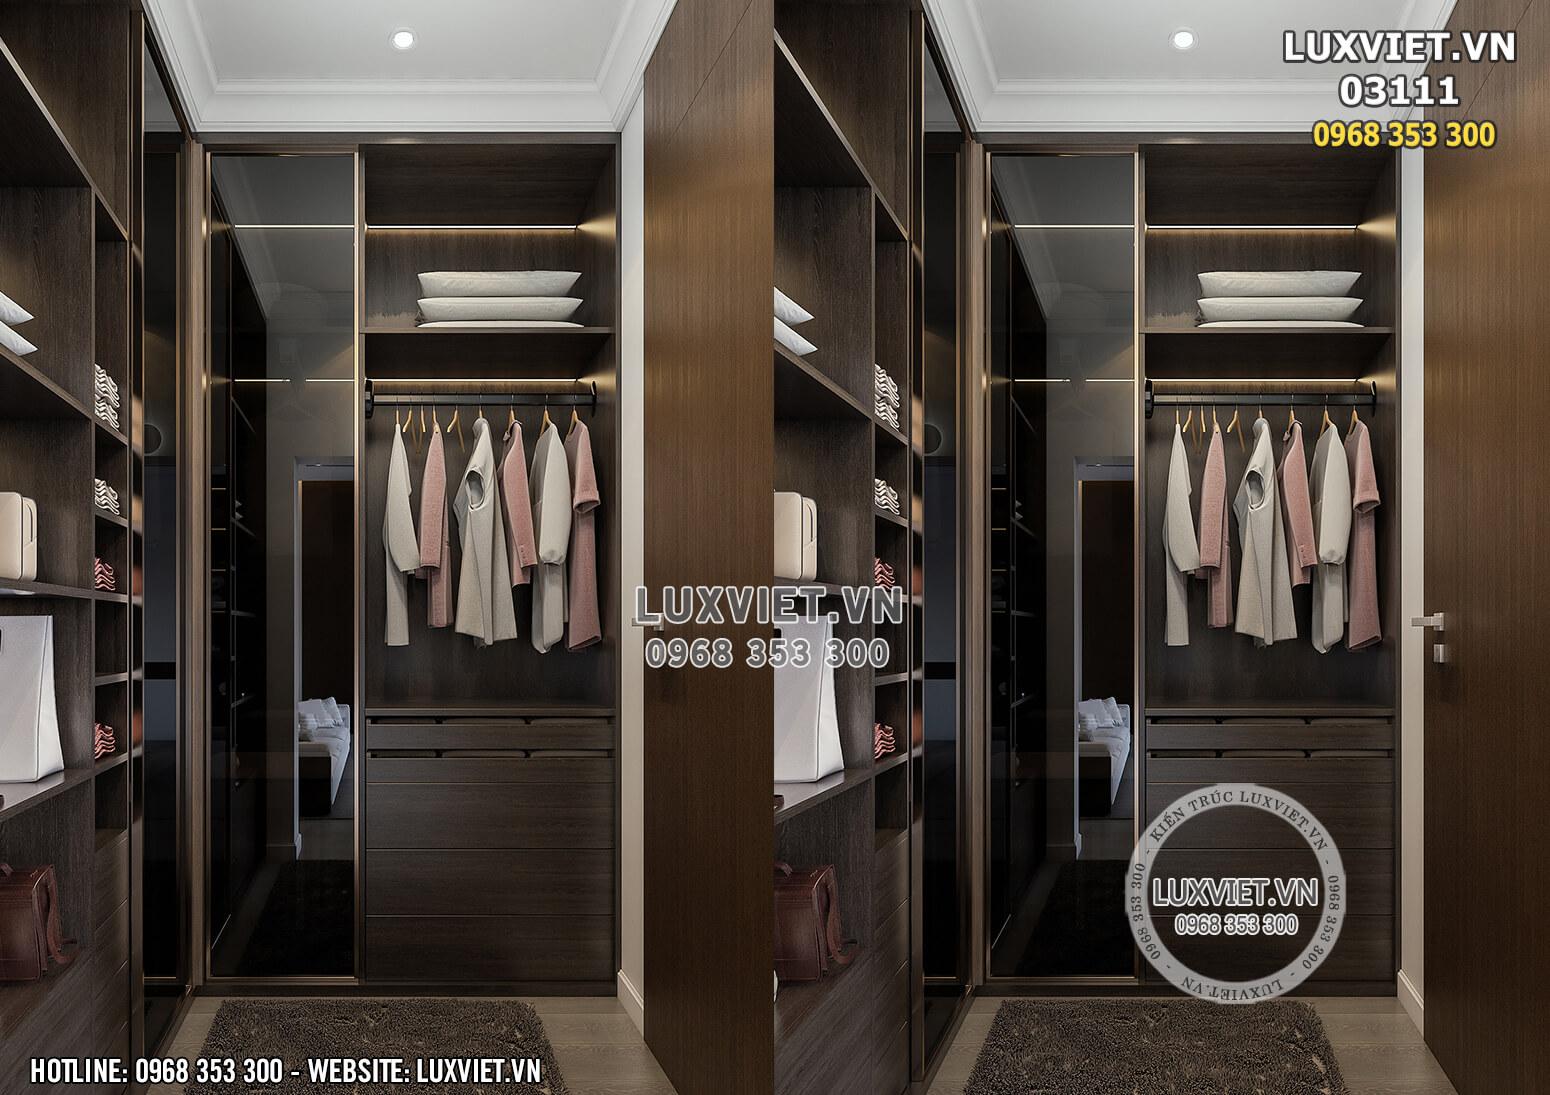 Hình ảnh: Khu vực để quần áo - LV 03111